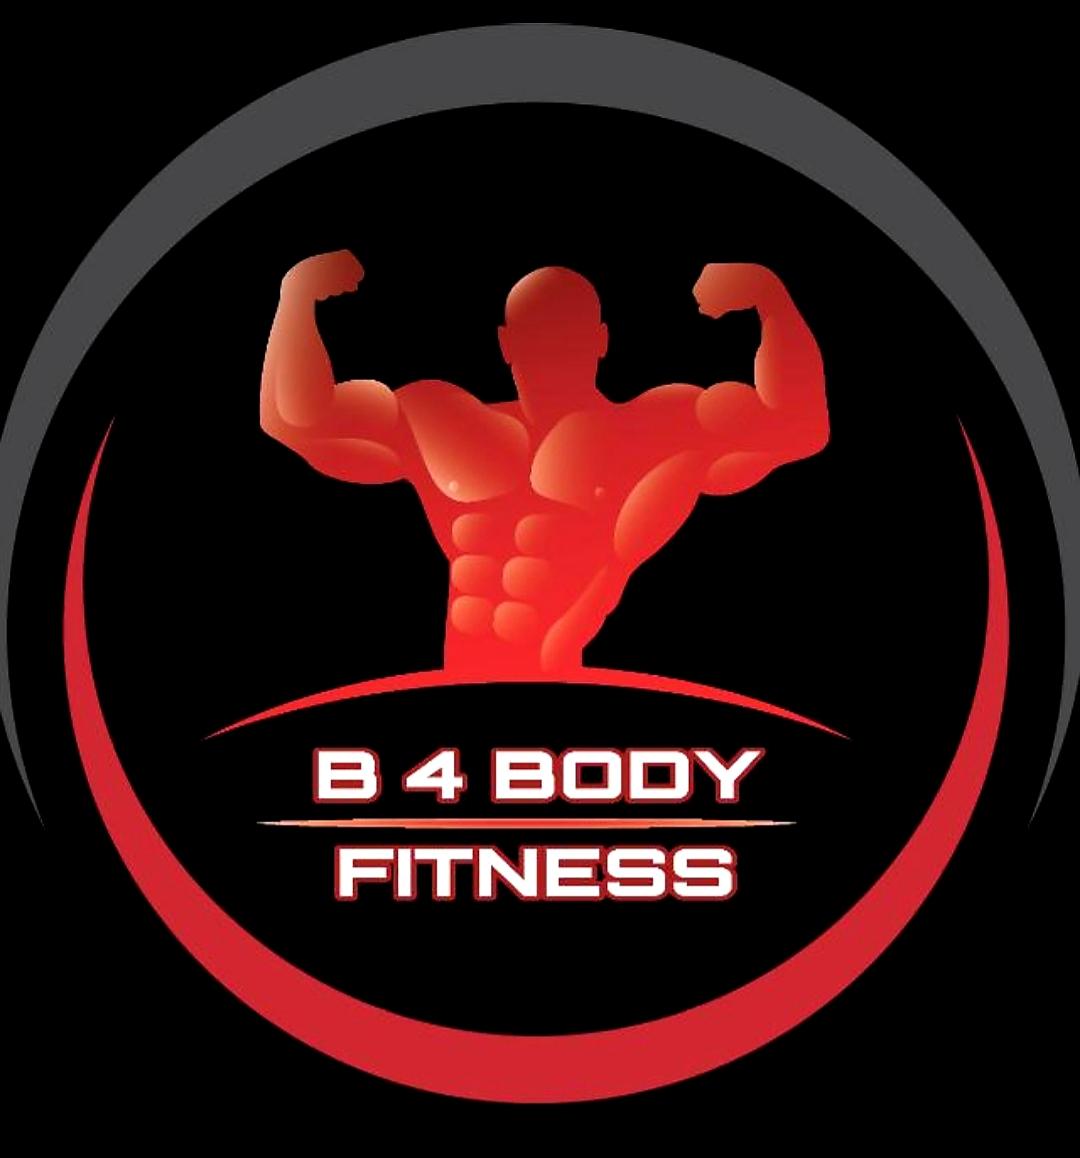 B 4 Body Fitness Gym